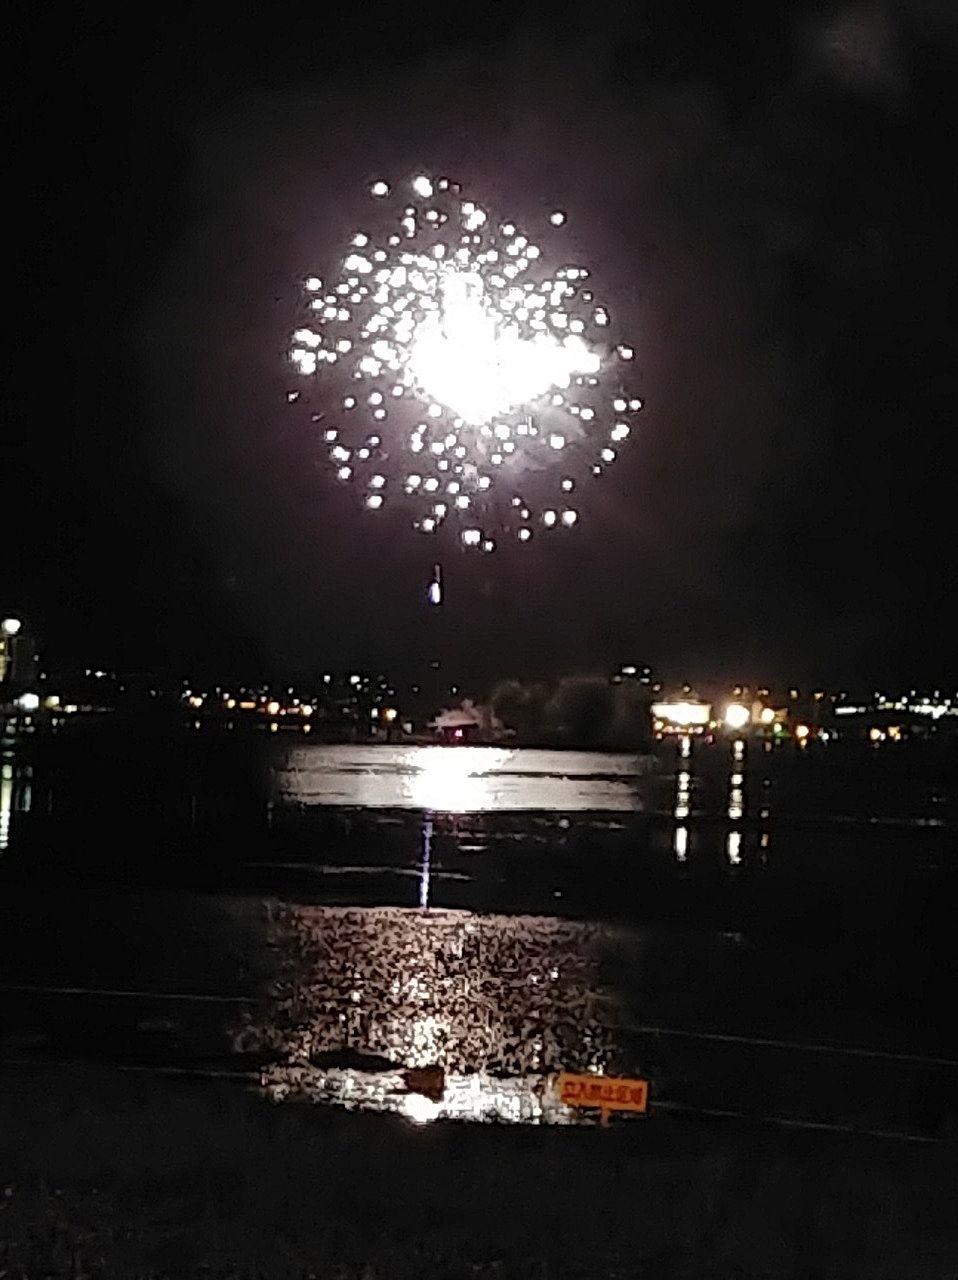 諏訪湖面に花火が見事に映っています